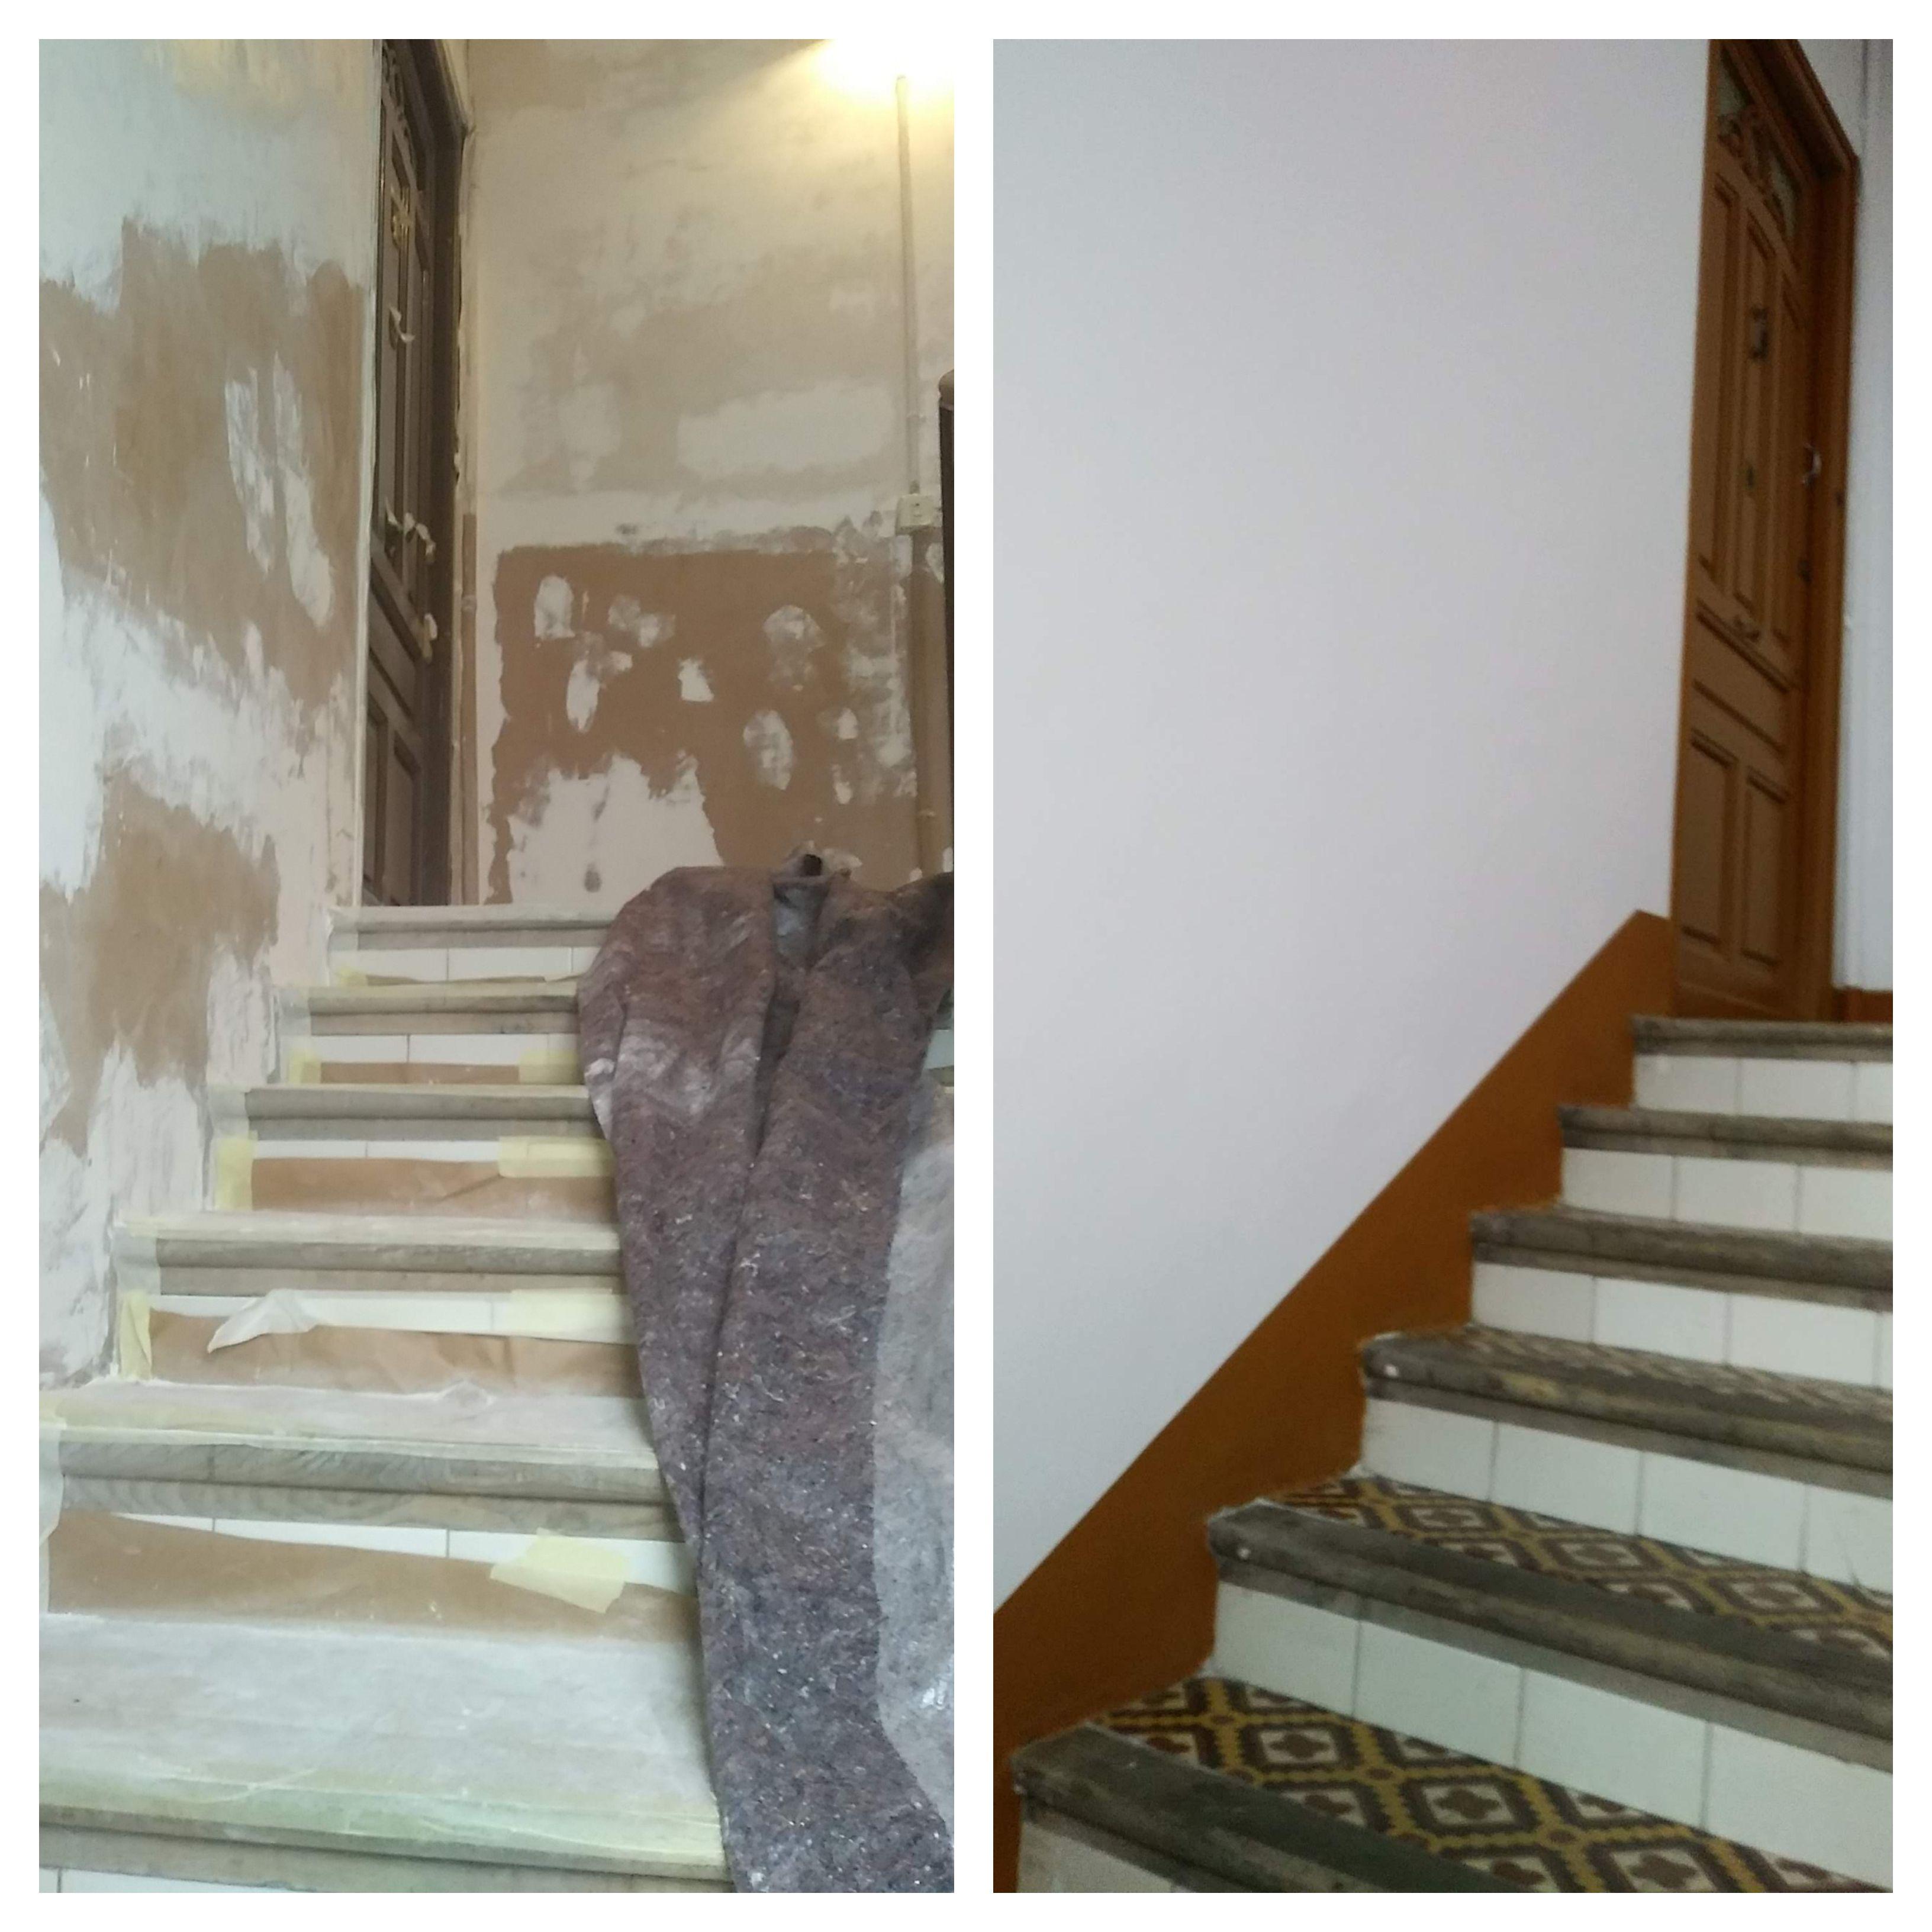 Antes y después recuperación rellano y escalera de edificio